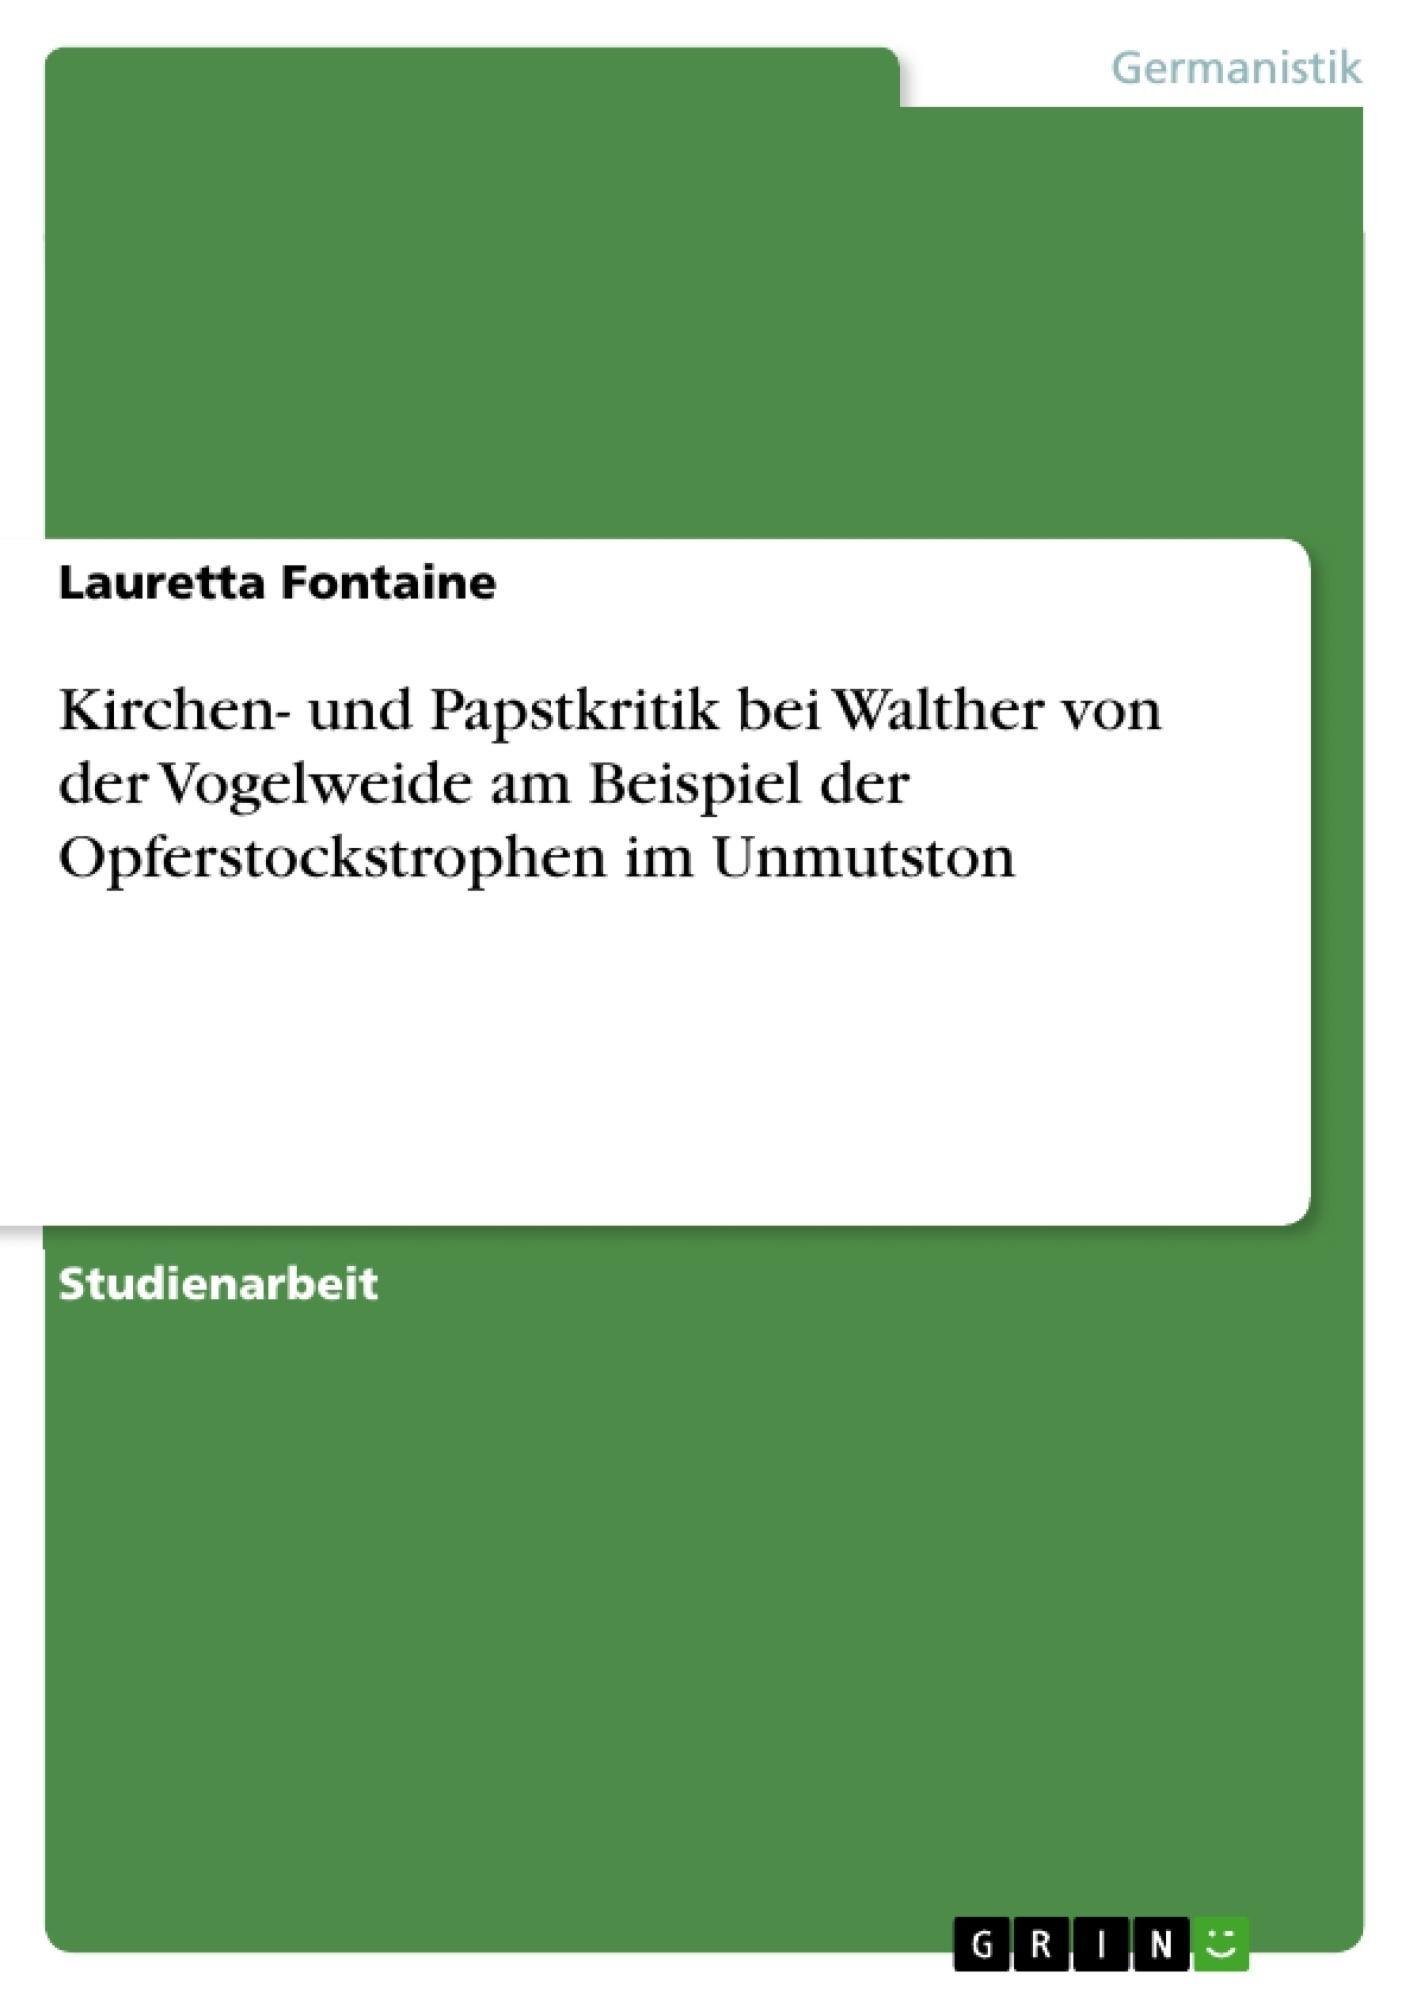 Titel: Kirchen- und Papstkritik bei Walther von der Vogelweide am Beispiel der Opferstockstrophen im Unmutston